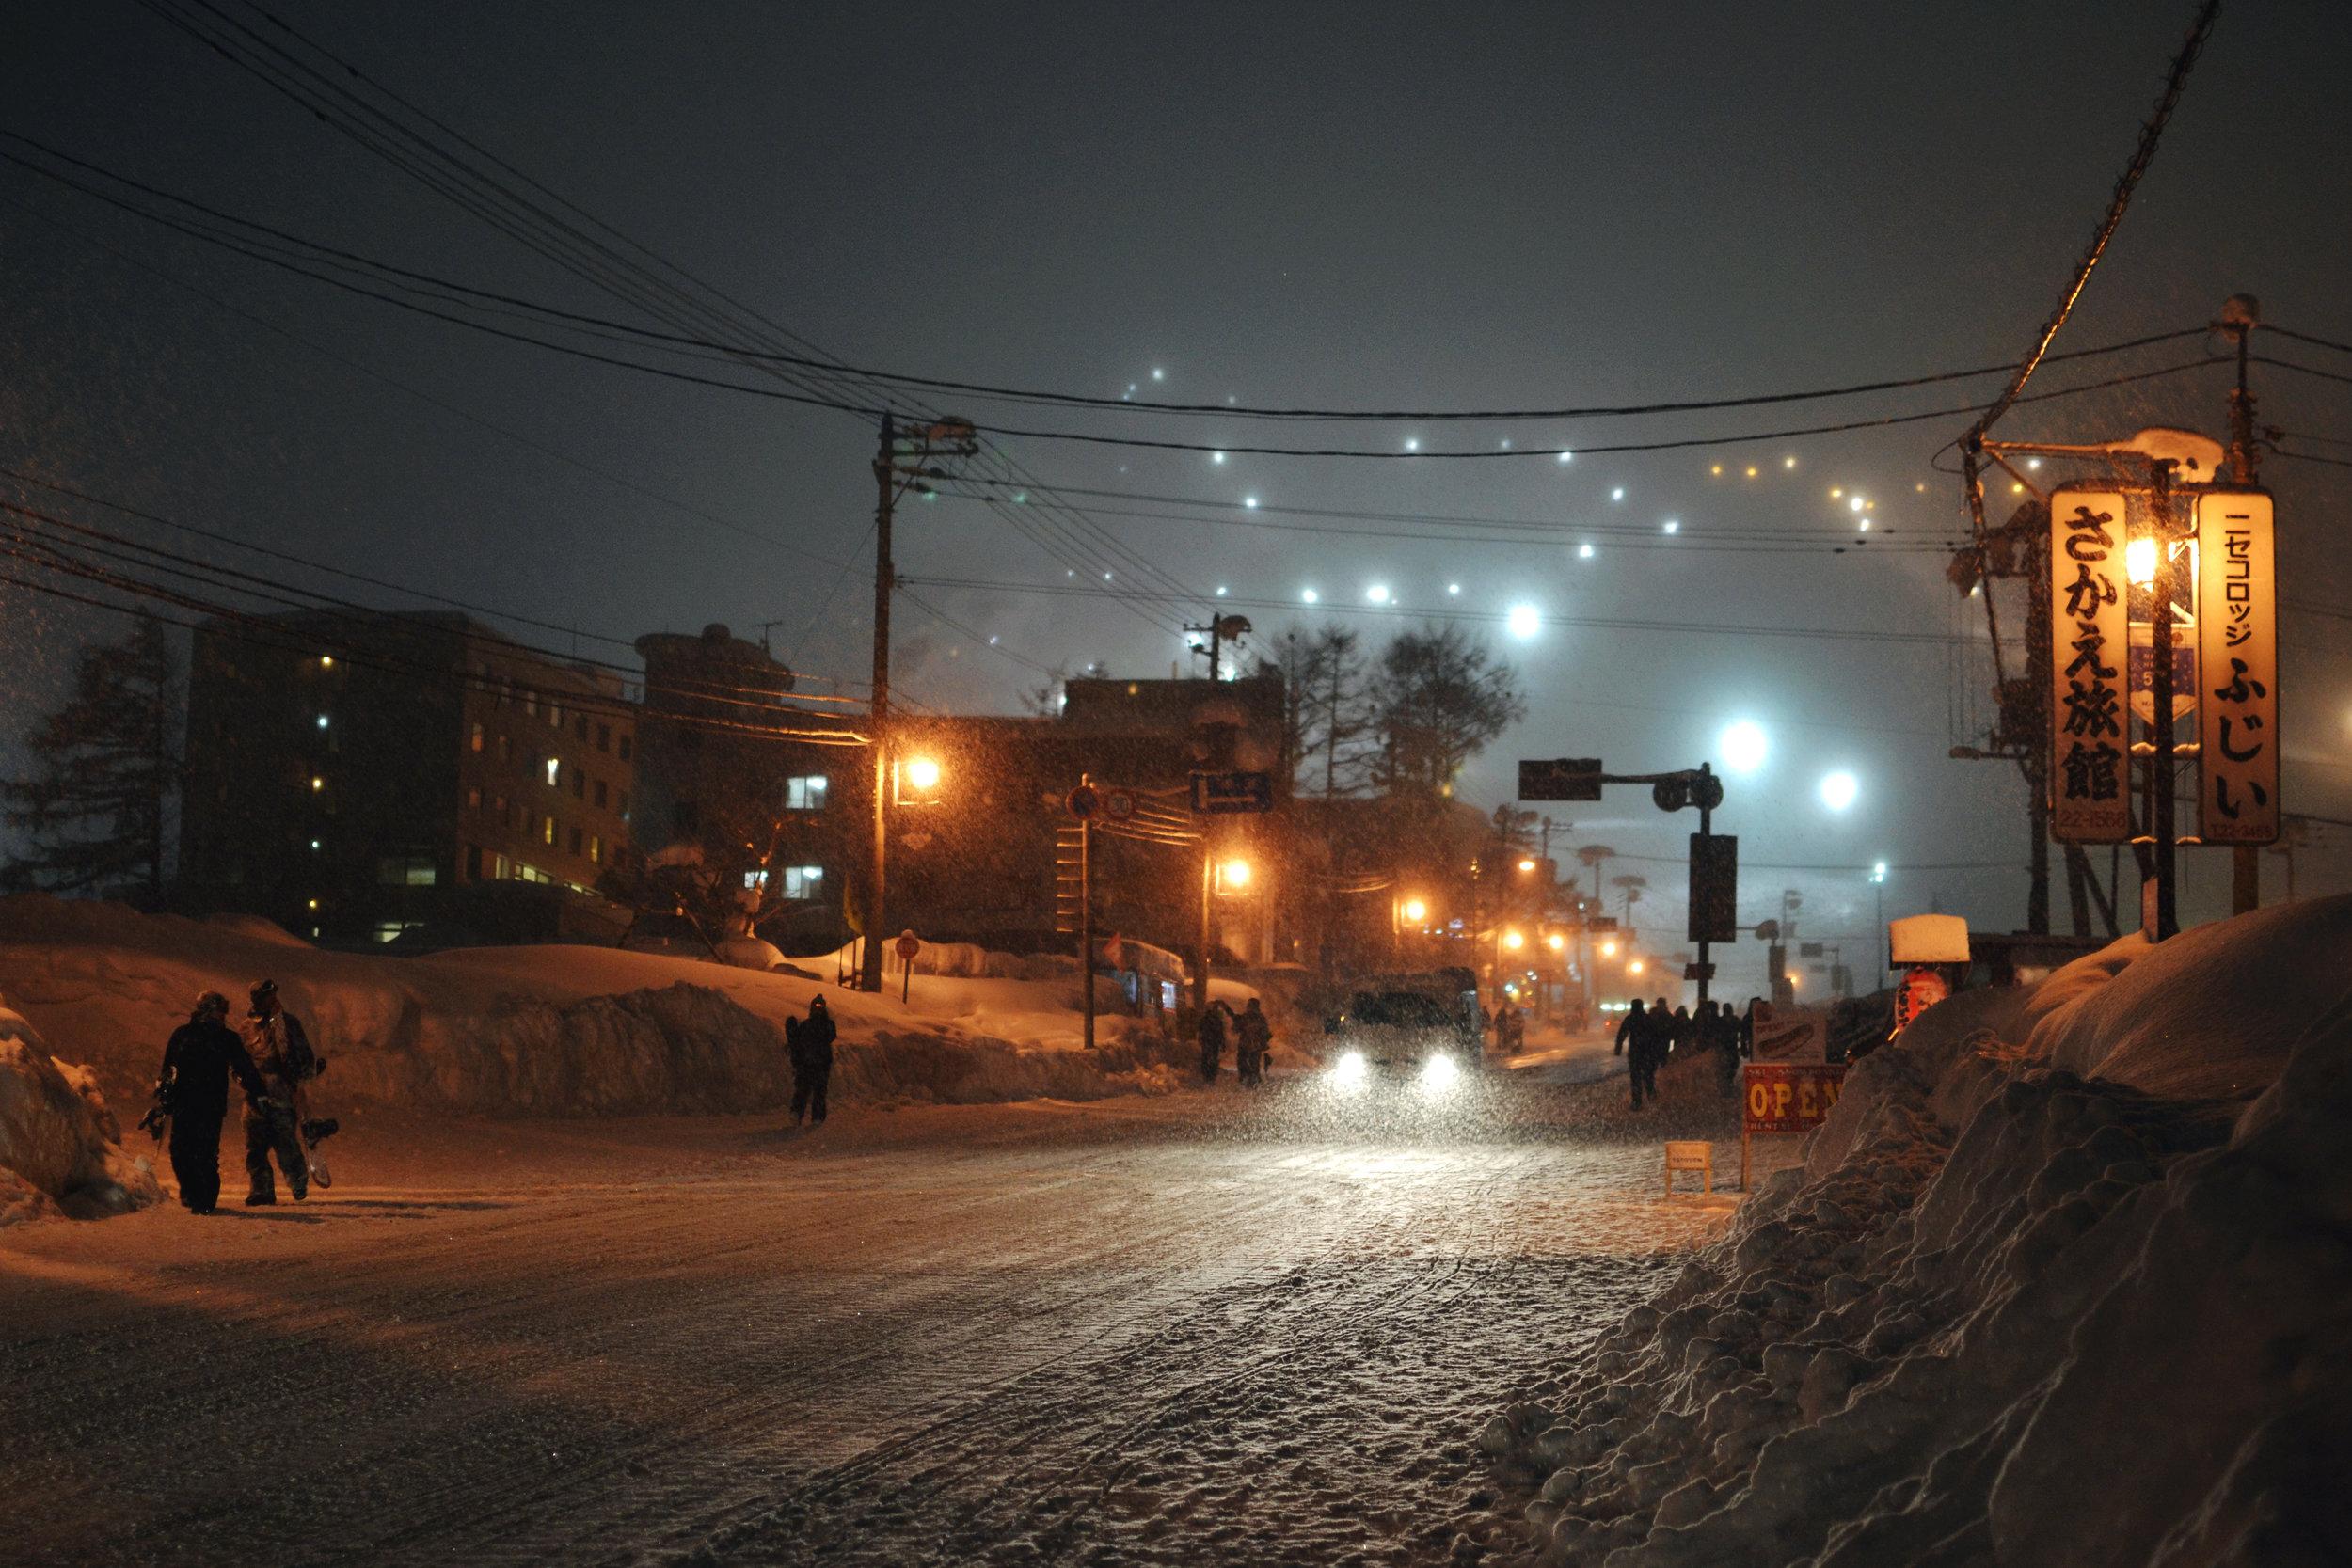 Icy streets of Niseko, Hokkaido